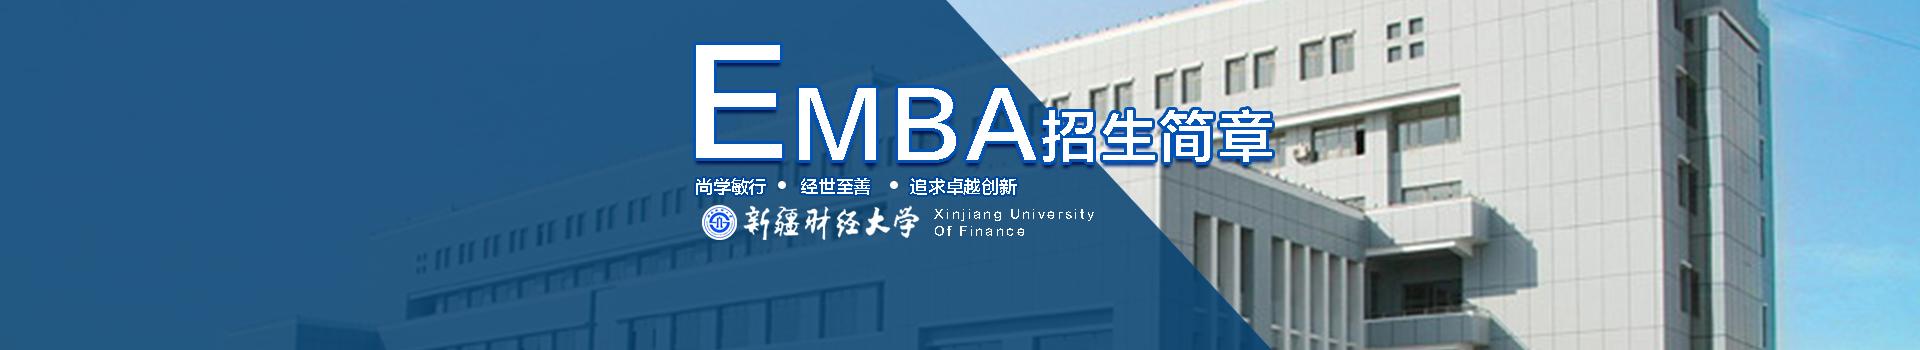 新疆财经大学MBA学院高级工商管理硕士EMBA招生简章